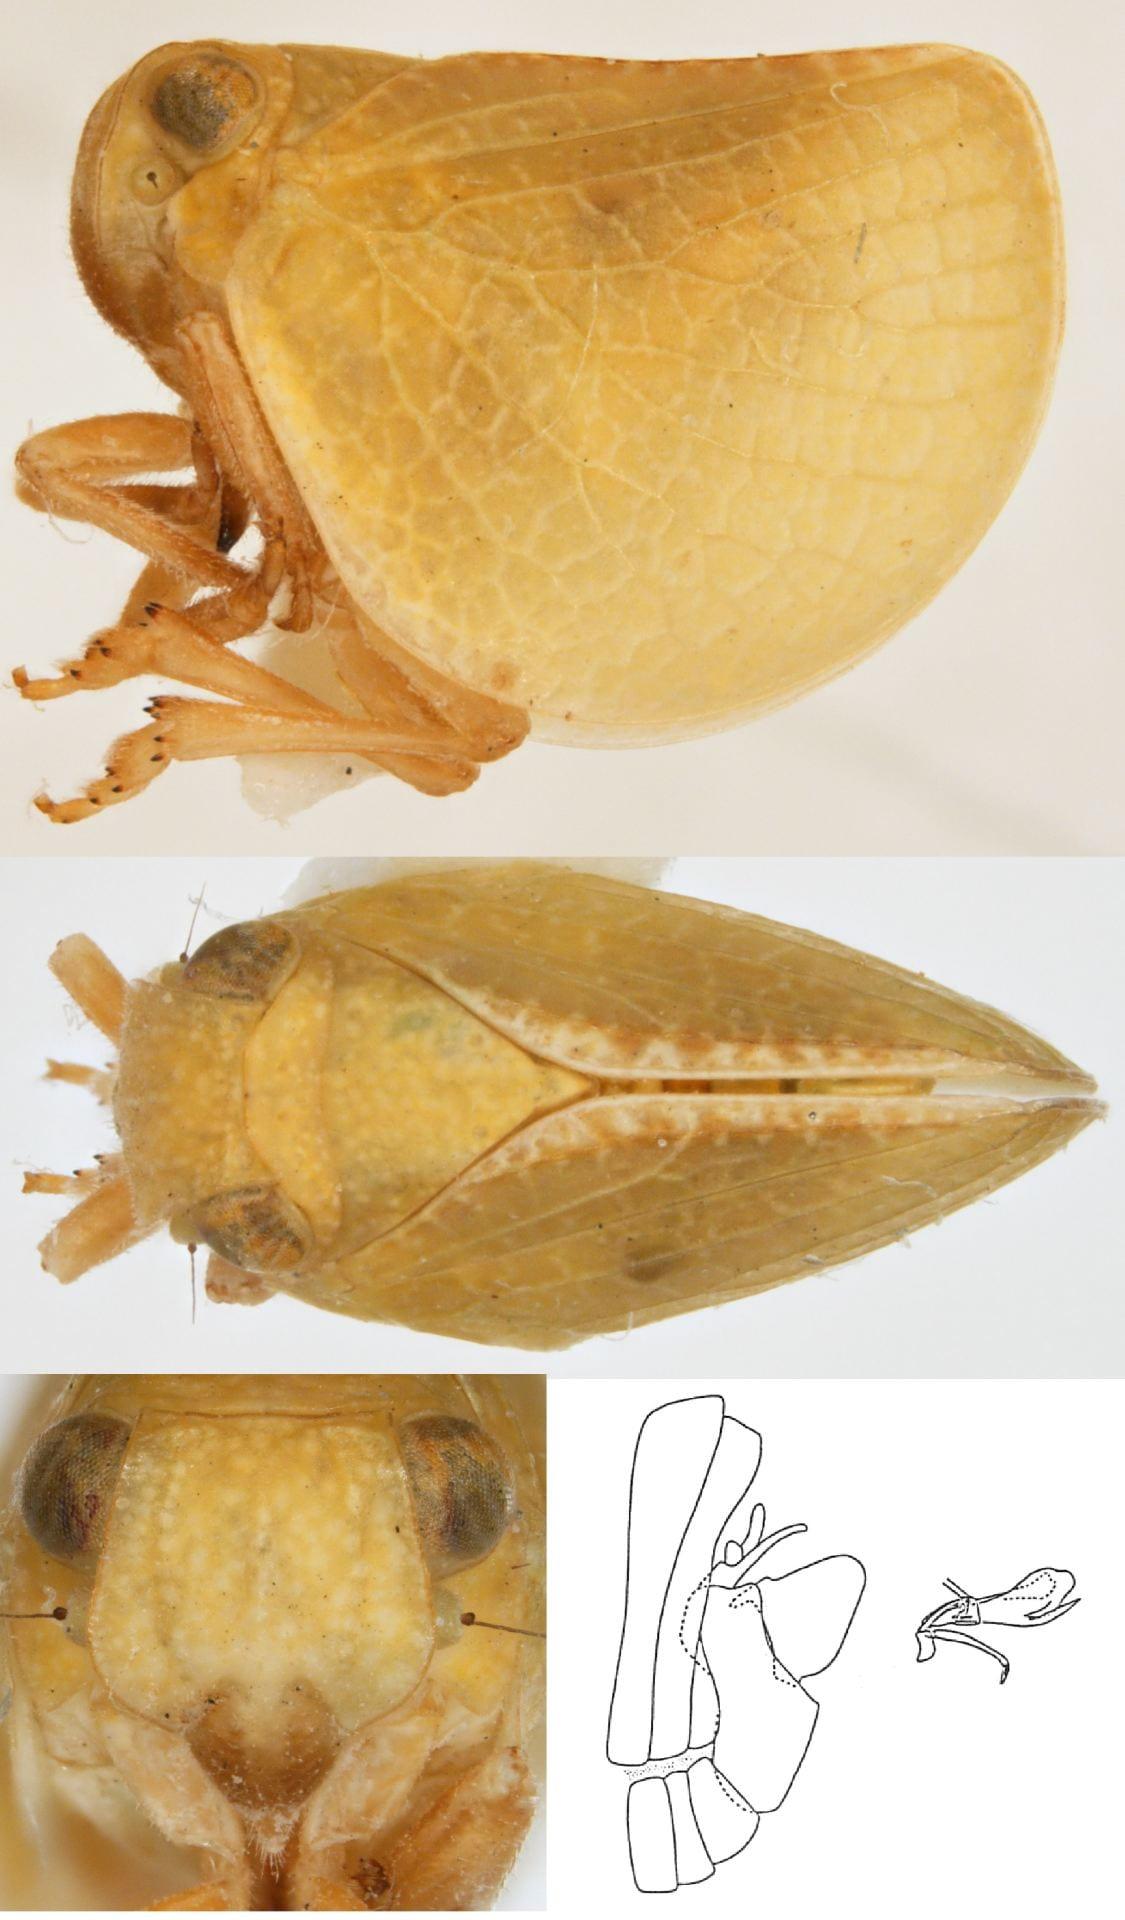 Acanalonia invenusta